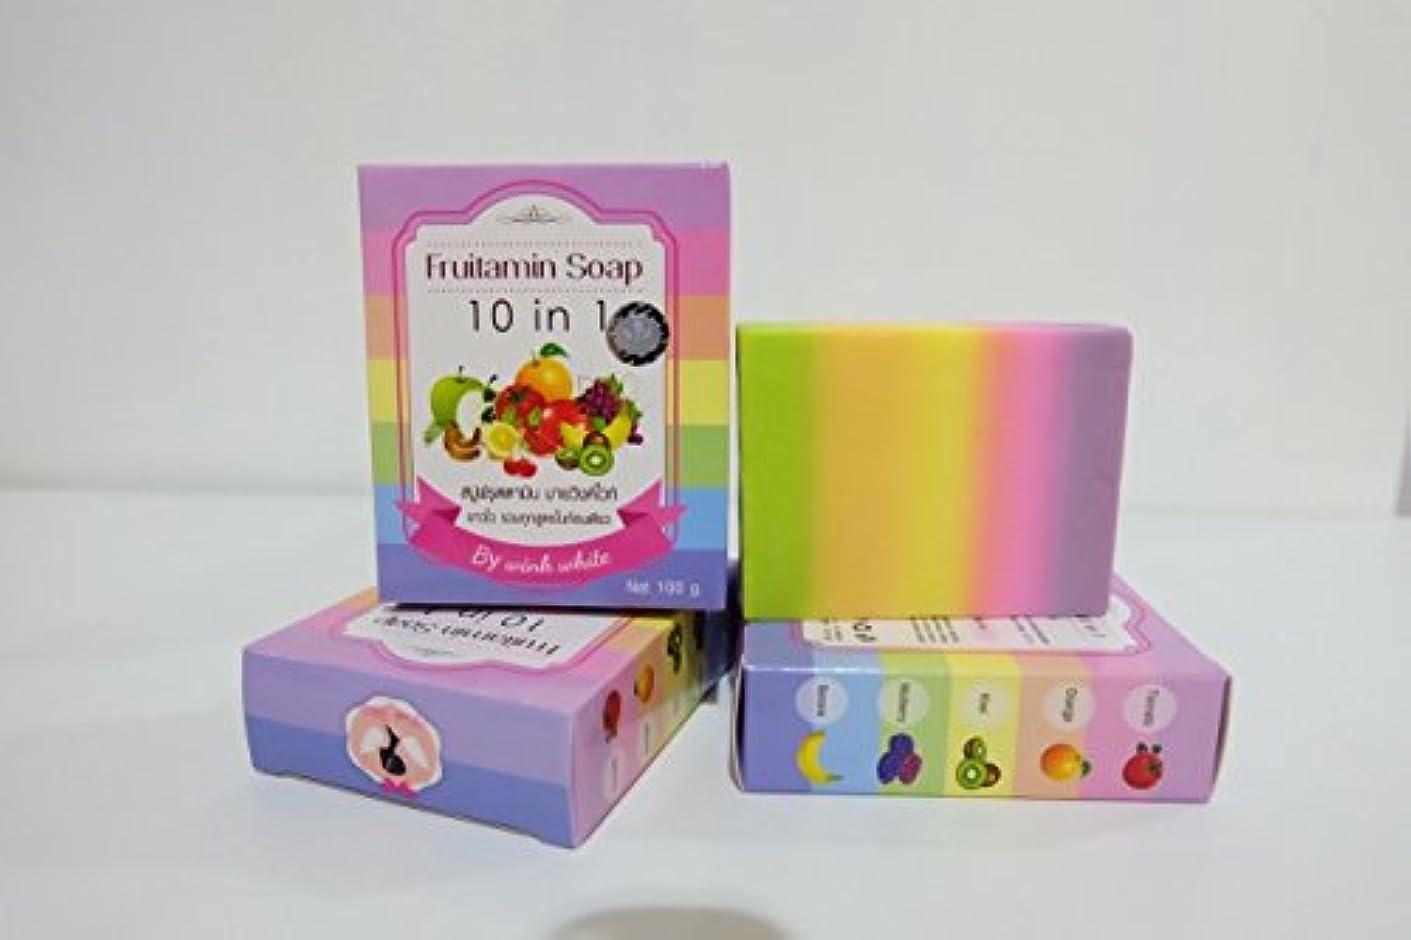 お気に入りテロリスト確かめるFRUITAMIN SOAP 10 IN 1 soap jelly cubes single vitamins park headlights course. Whitening Soap. 100 g. Free Shipping.